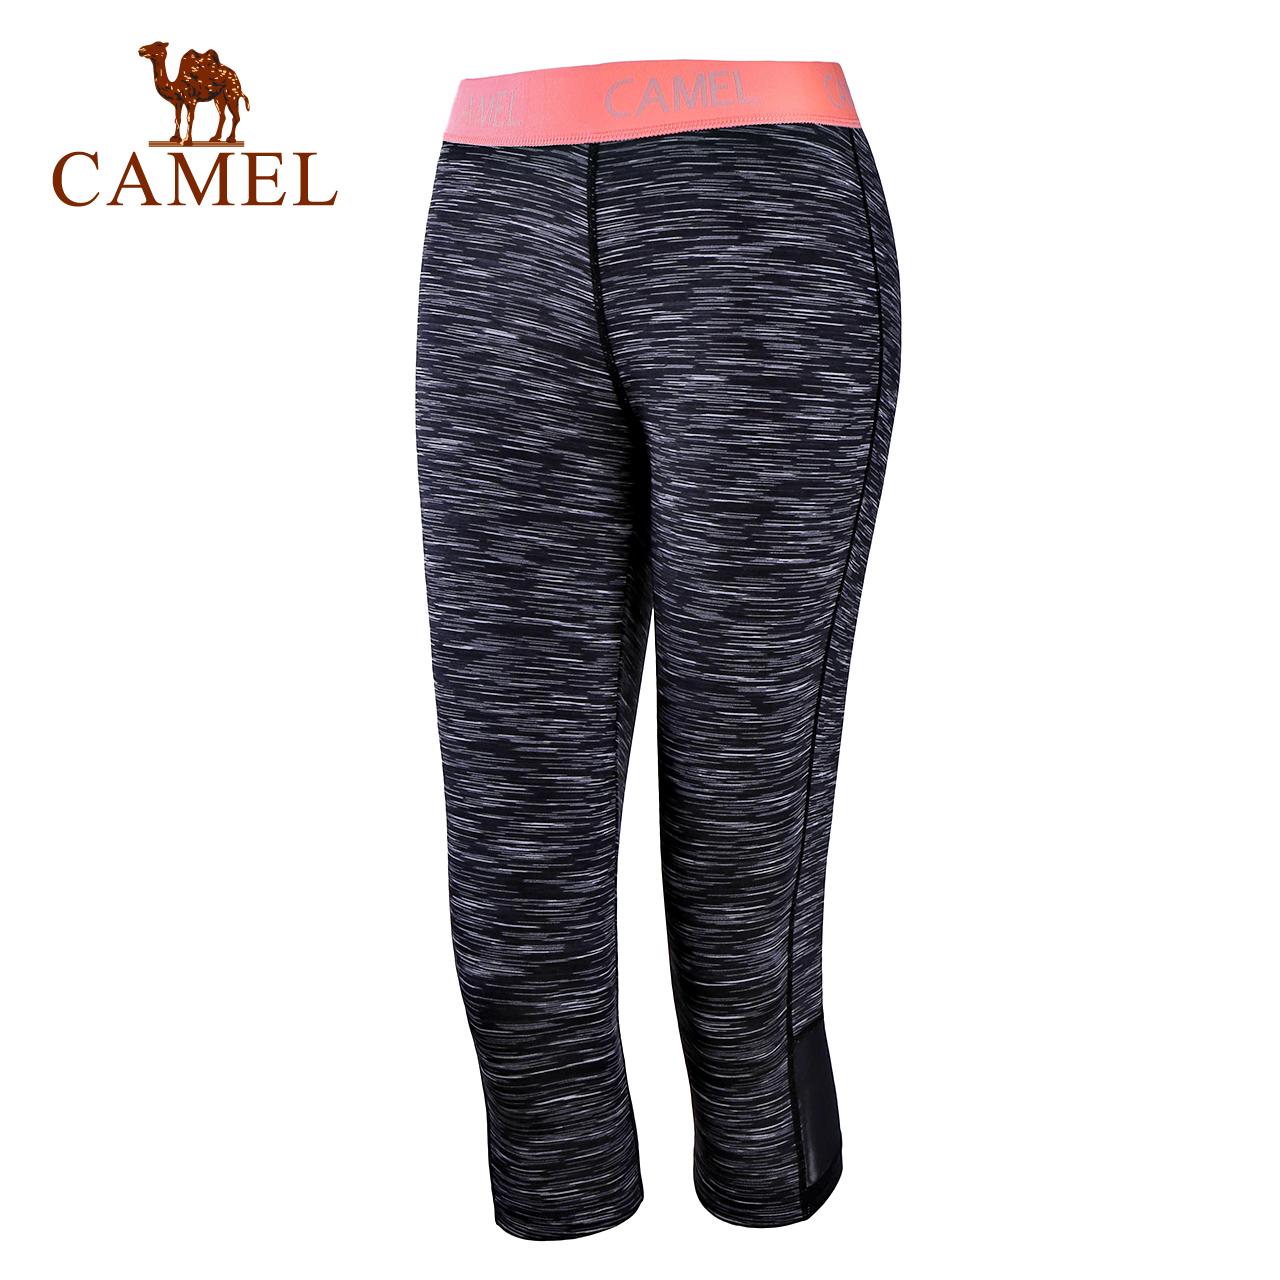 骆驼瑜伽服 健身跑步针织七分裤瑜伽裤女夏